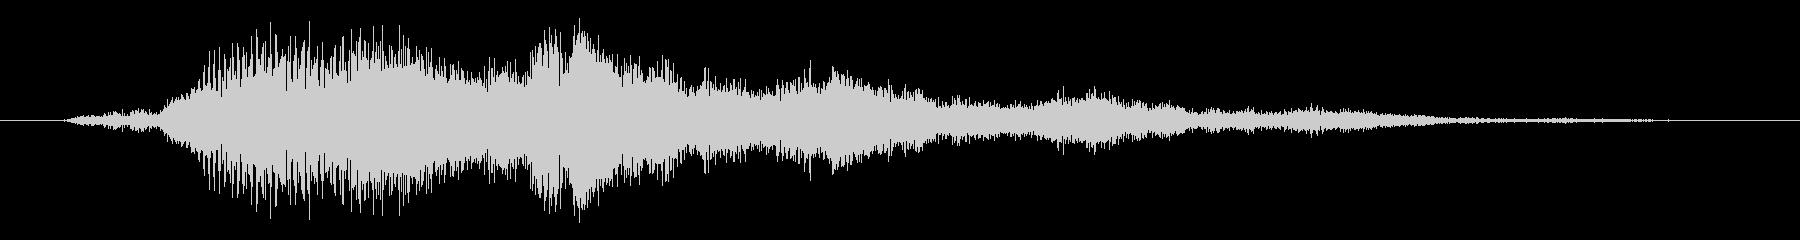 低金属リンガー3の未再生の波形